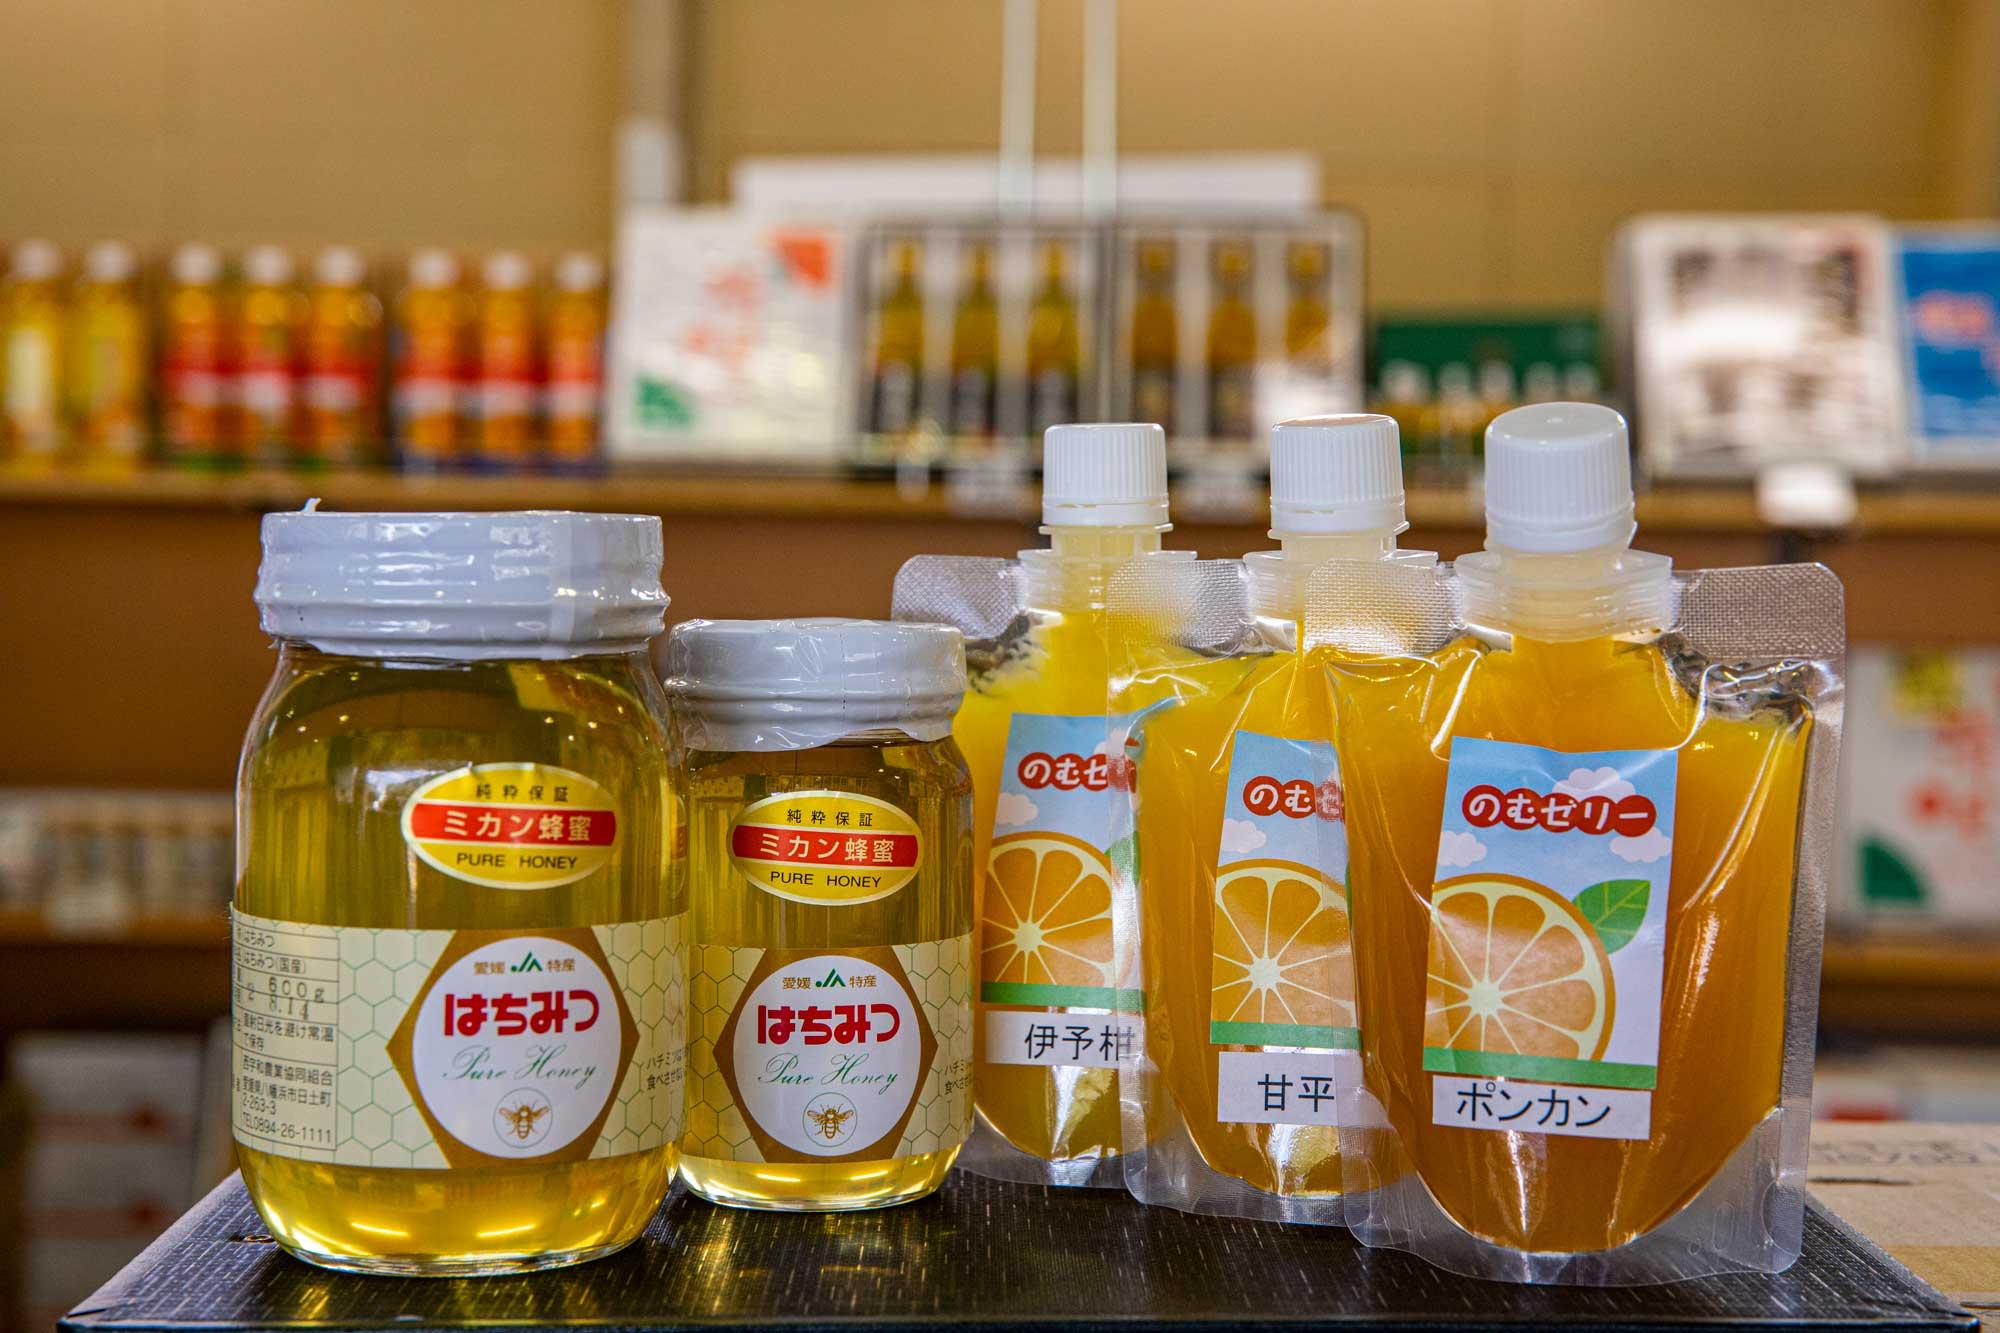 純粋保証 ミカン蜂蜜